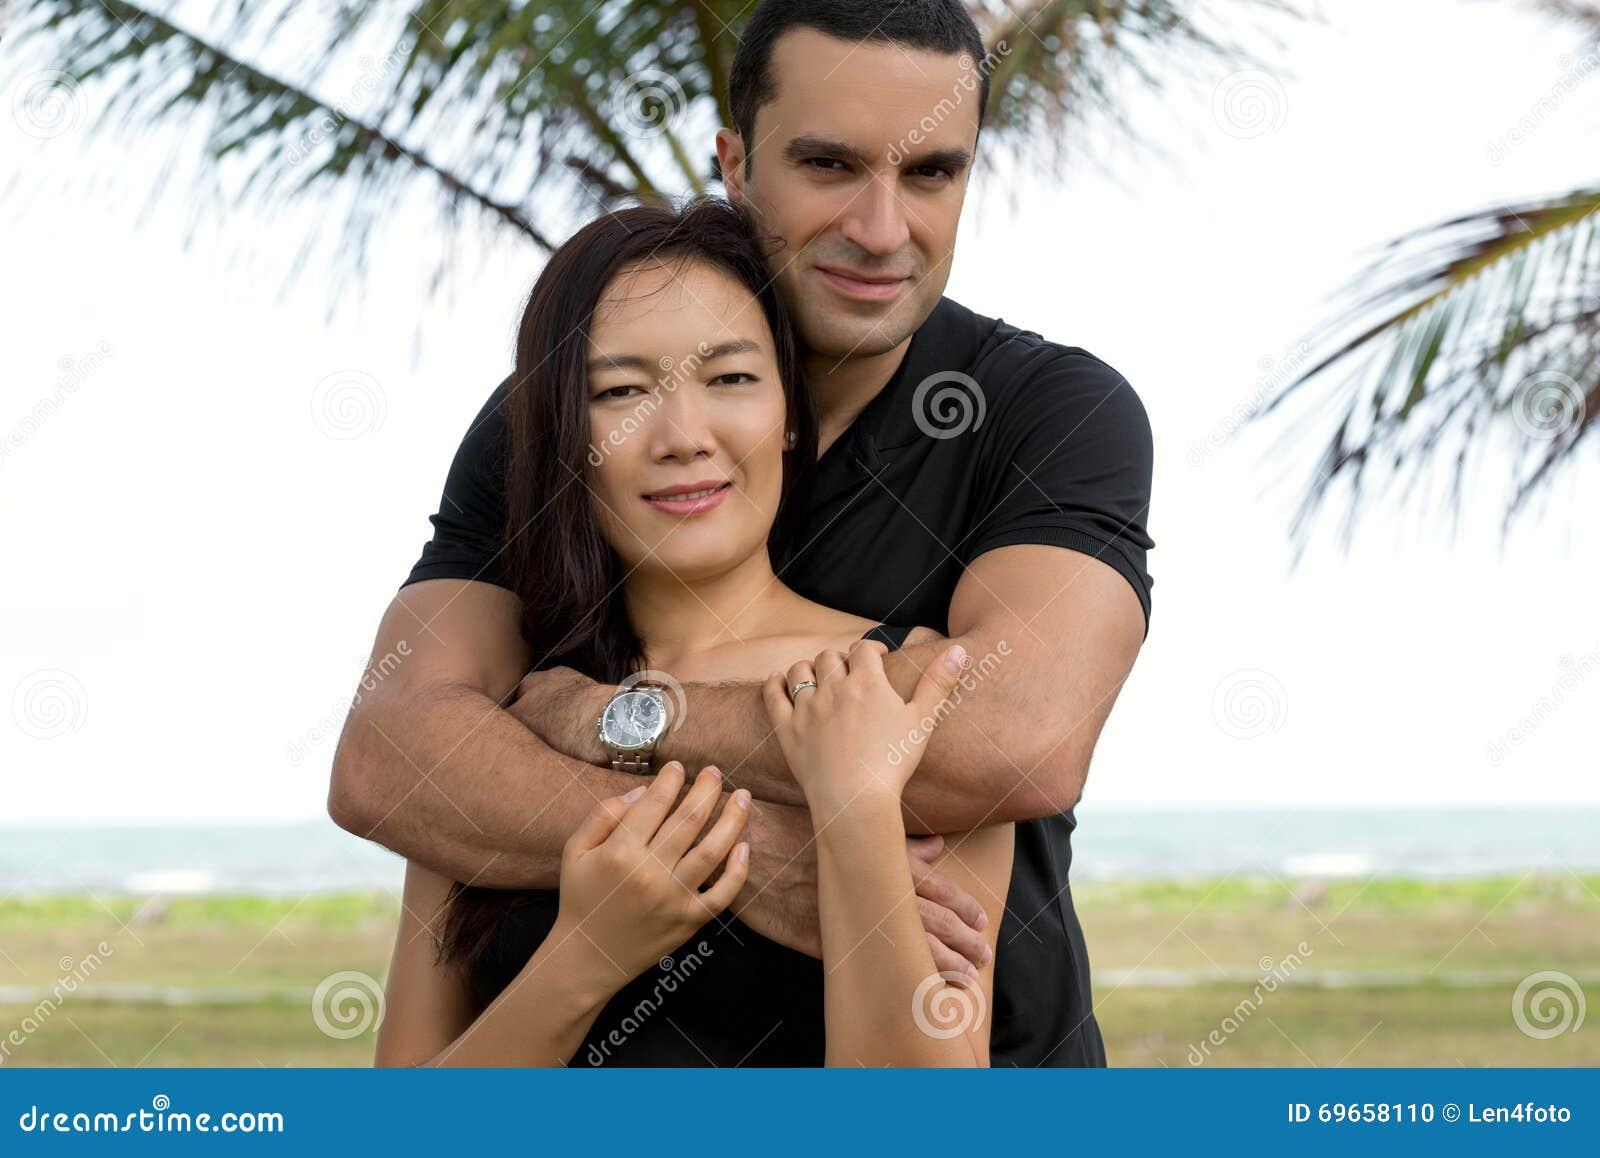 interracial couples Outdoor